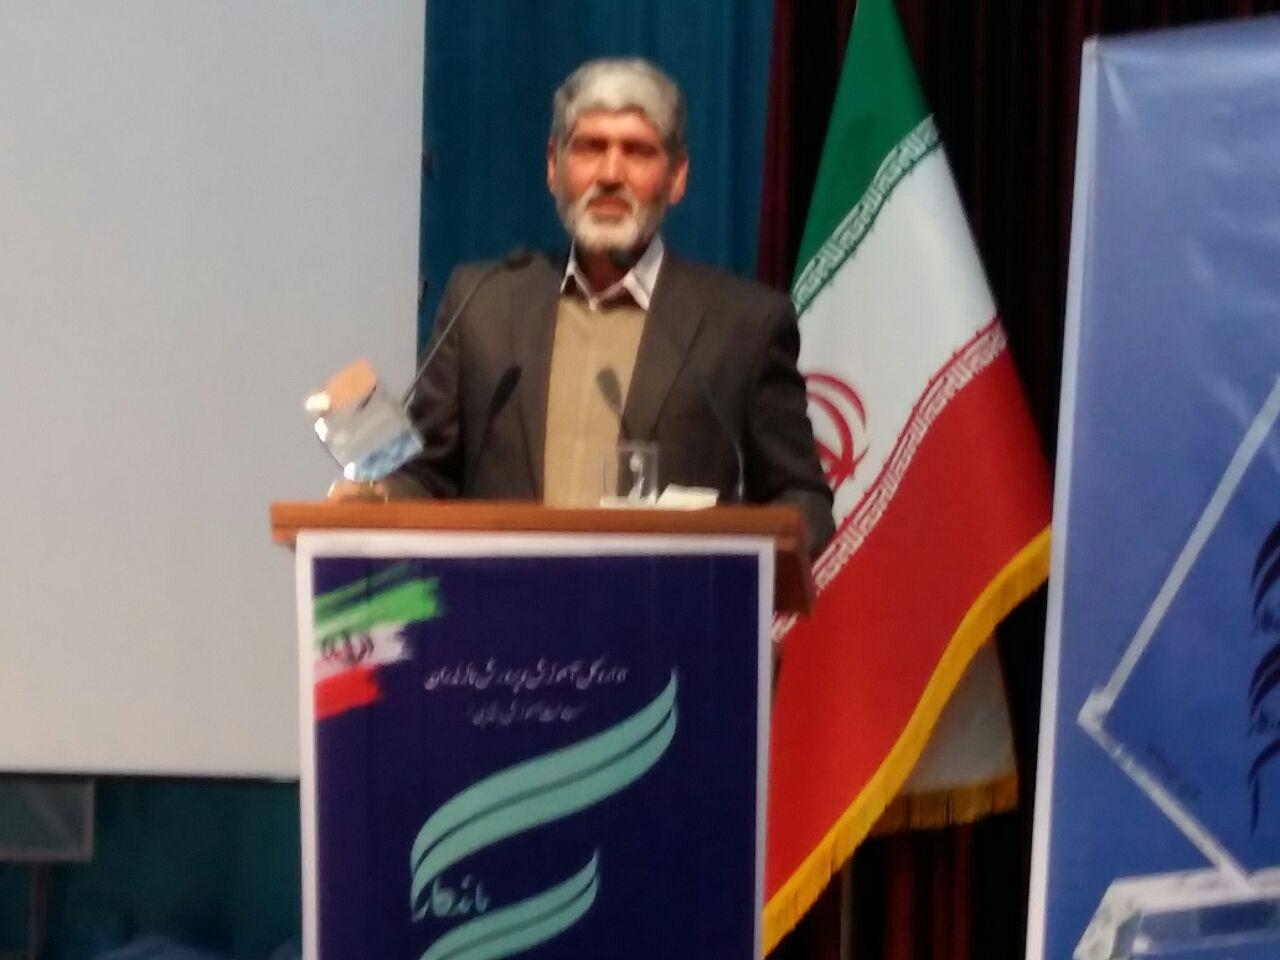 یک چهاردانگه ای به عنوان آموزگار ماندگار استان مازندران انتخاب شد